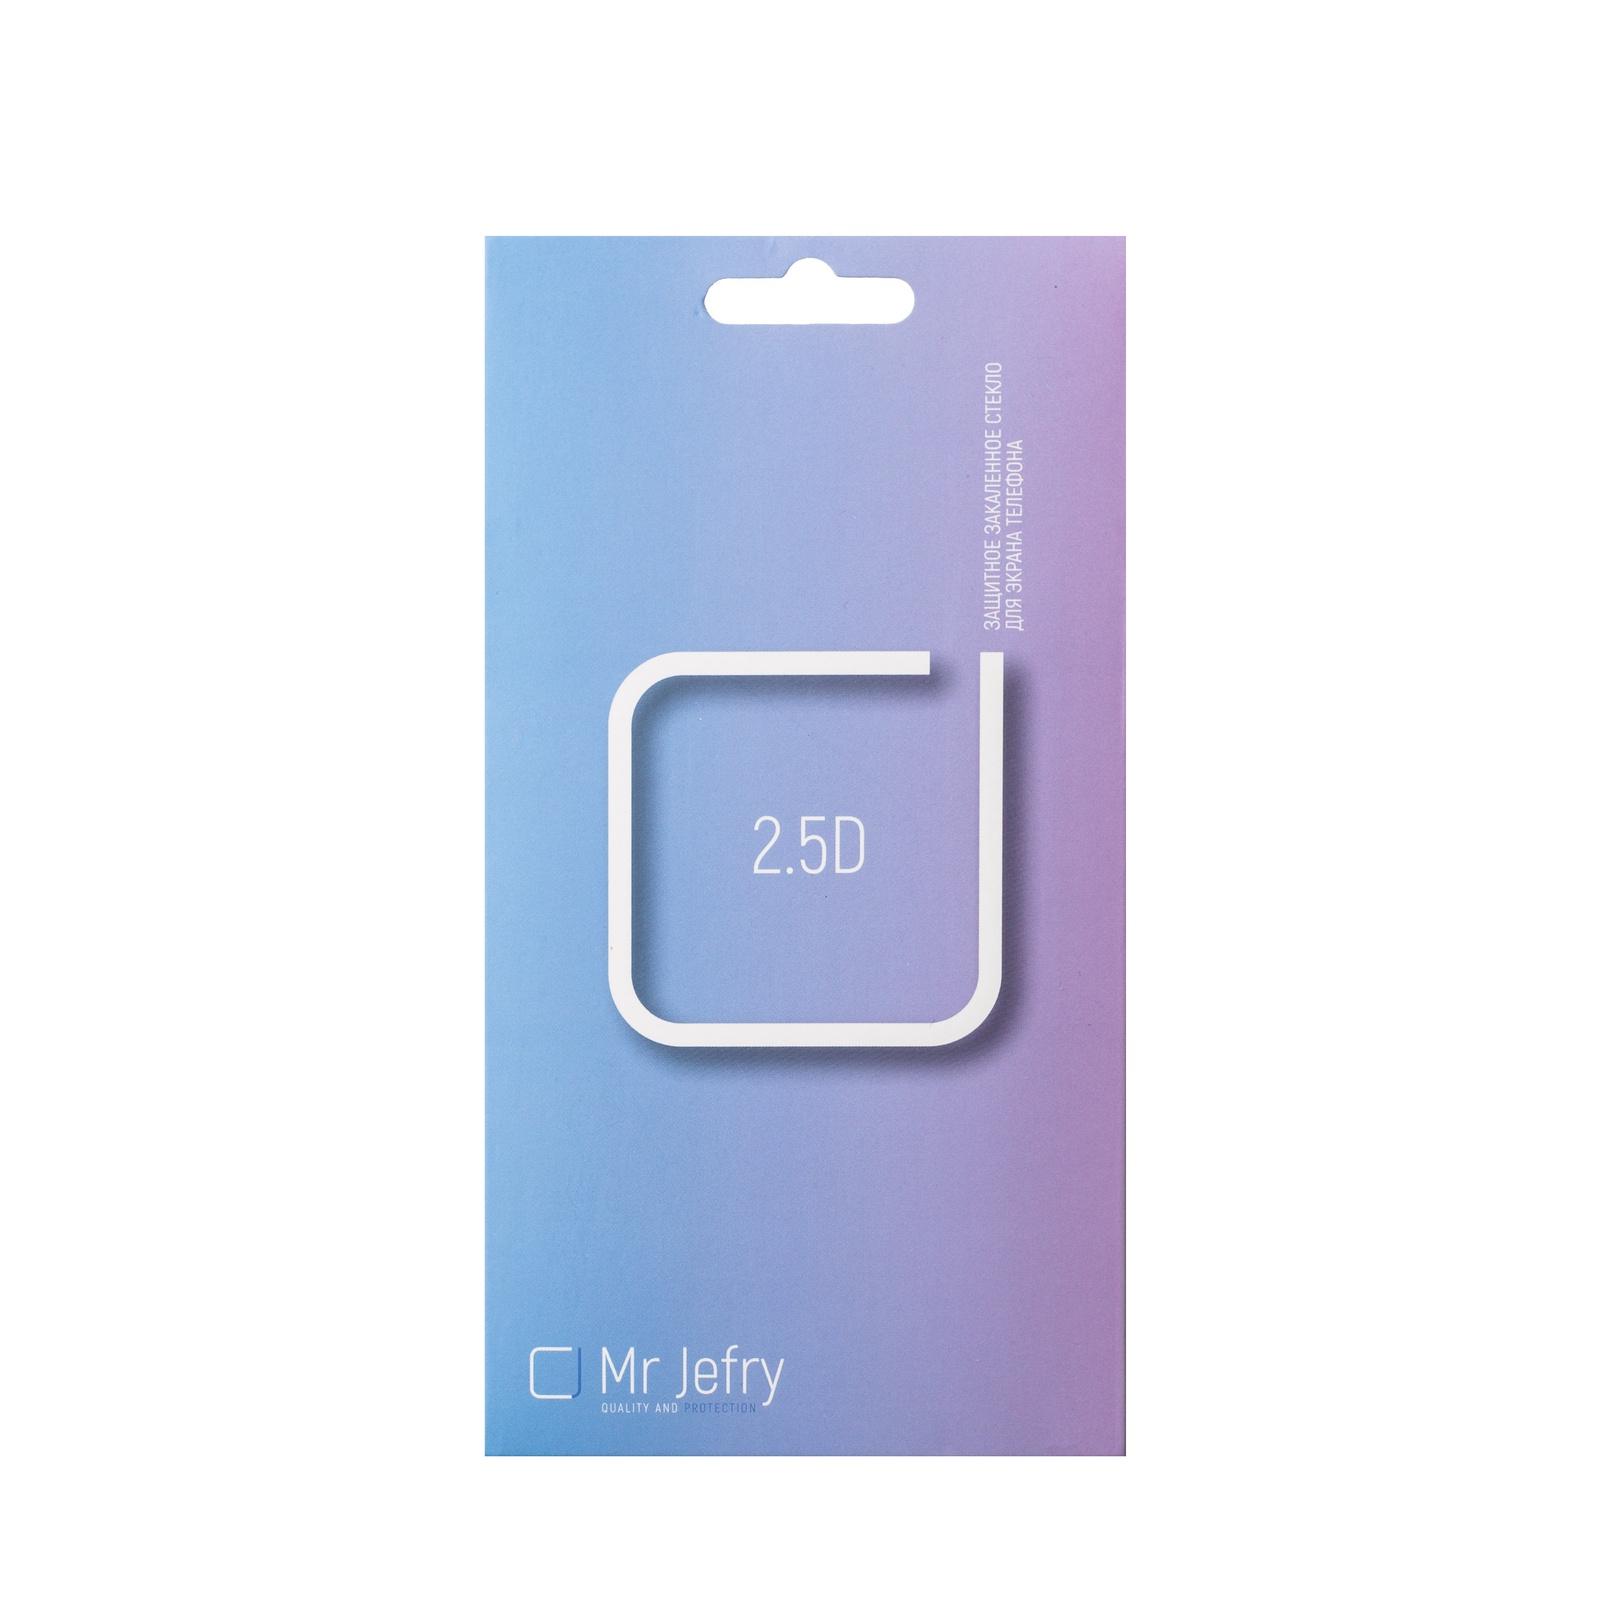 Mr Jefry стекло защитное (многослойное) 2,5D для IPhone 7/8